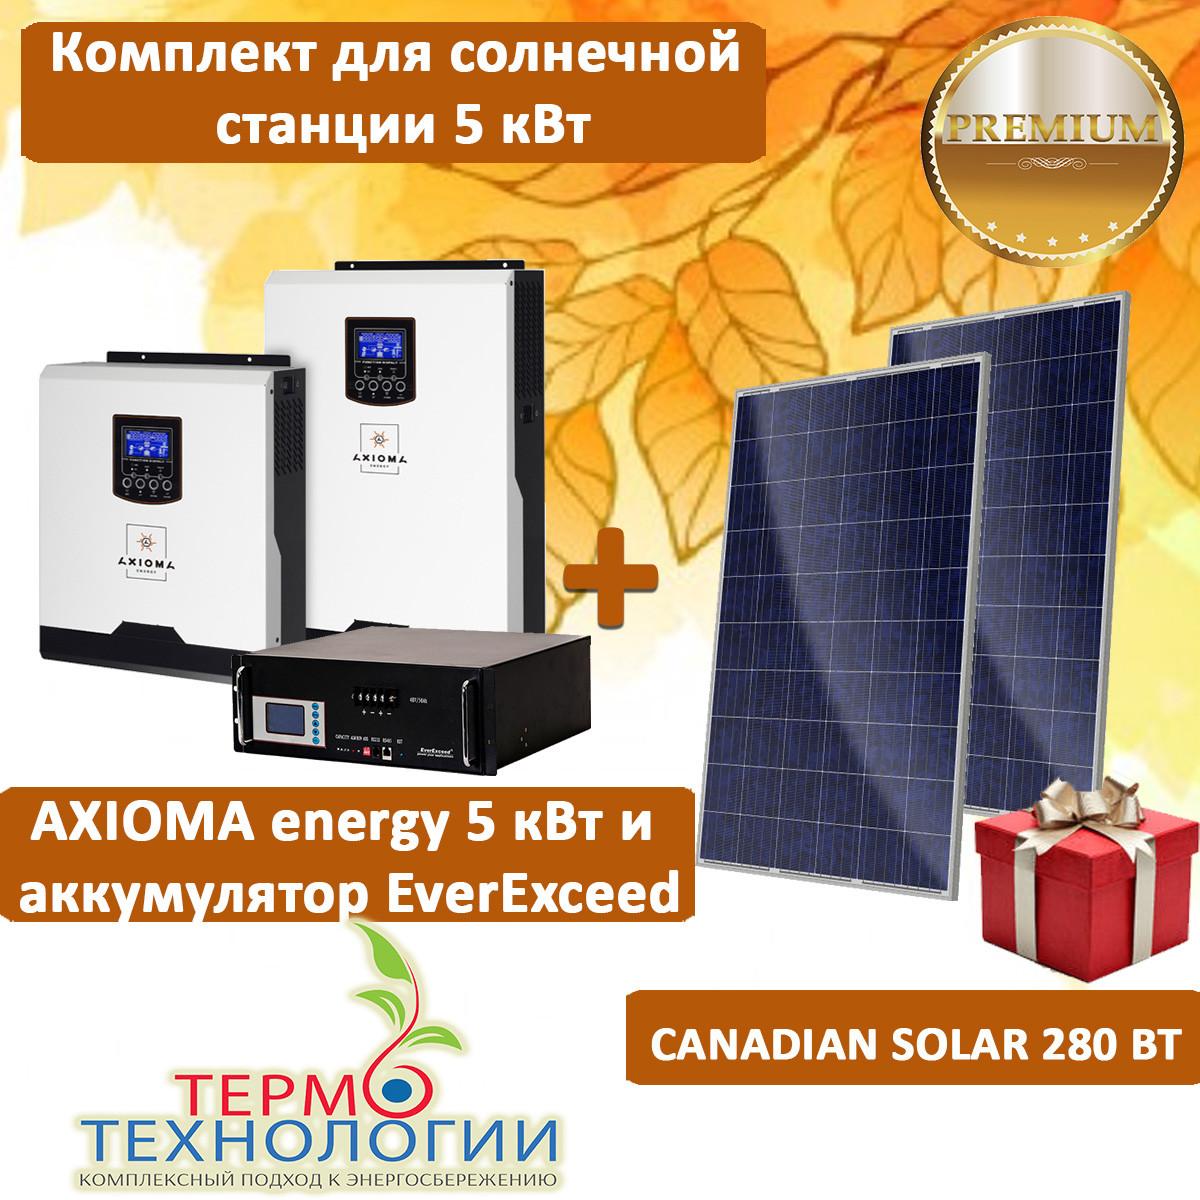 Комплект для автономной солнечной станции AXIOMA energy 5 кВт и Canadian Solar 280 Вт